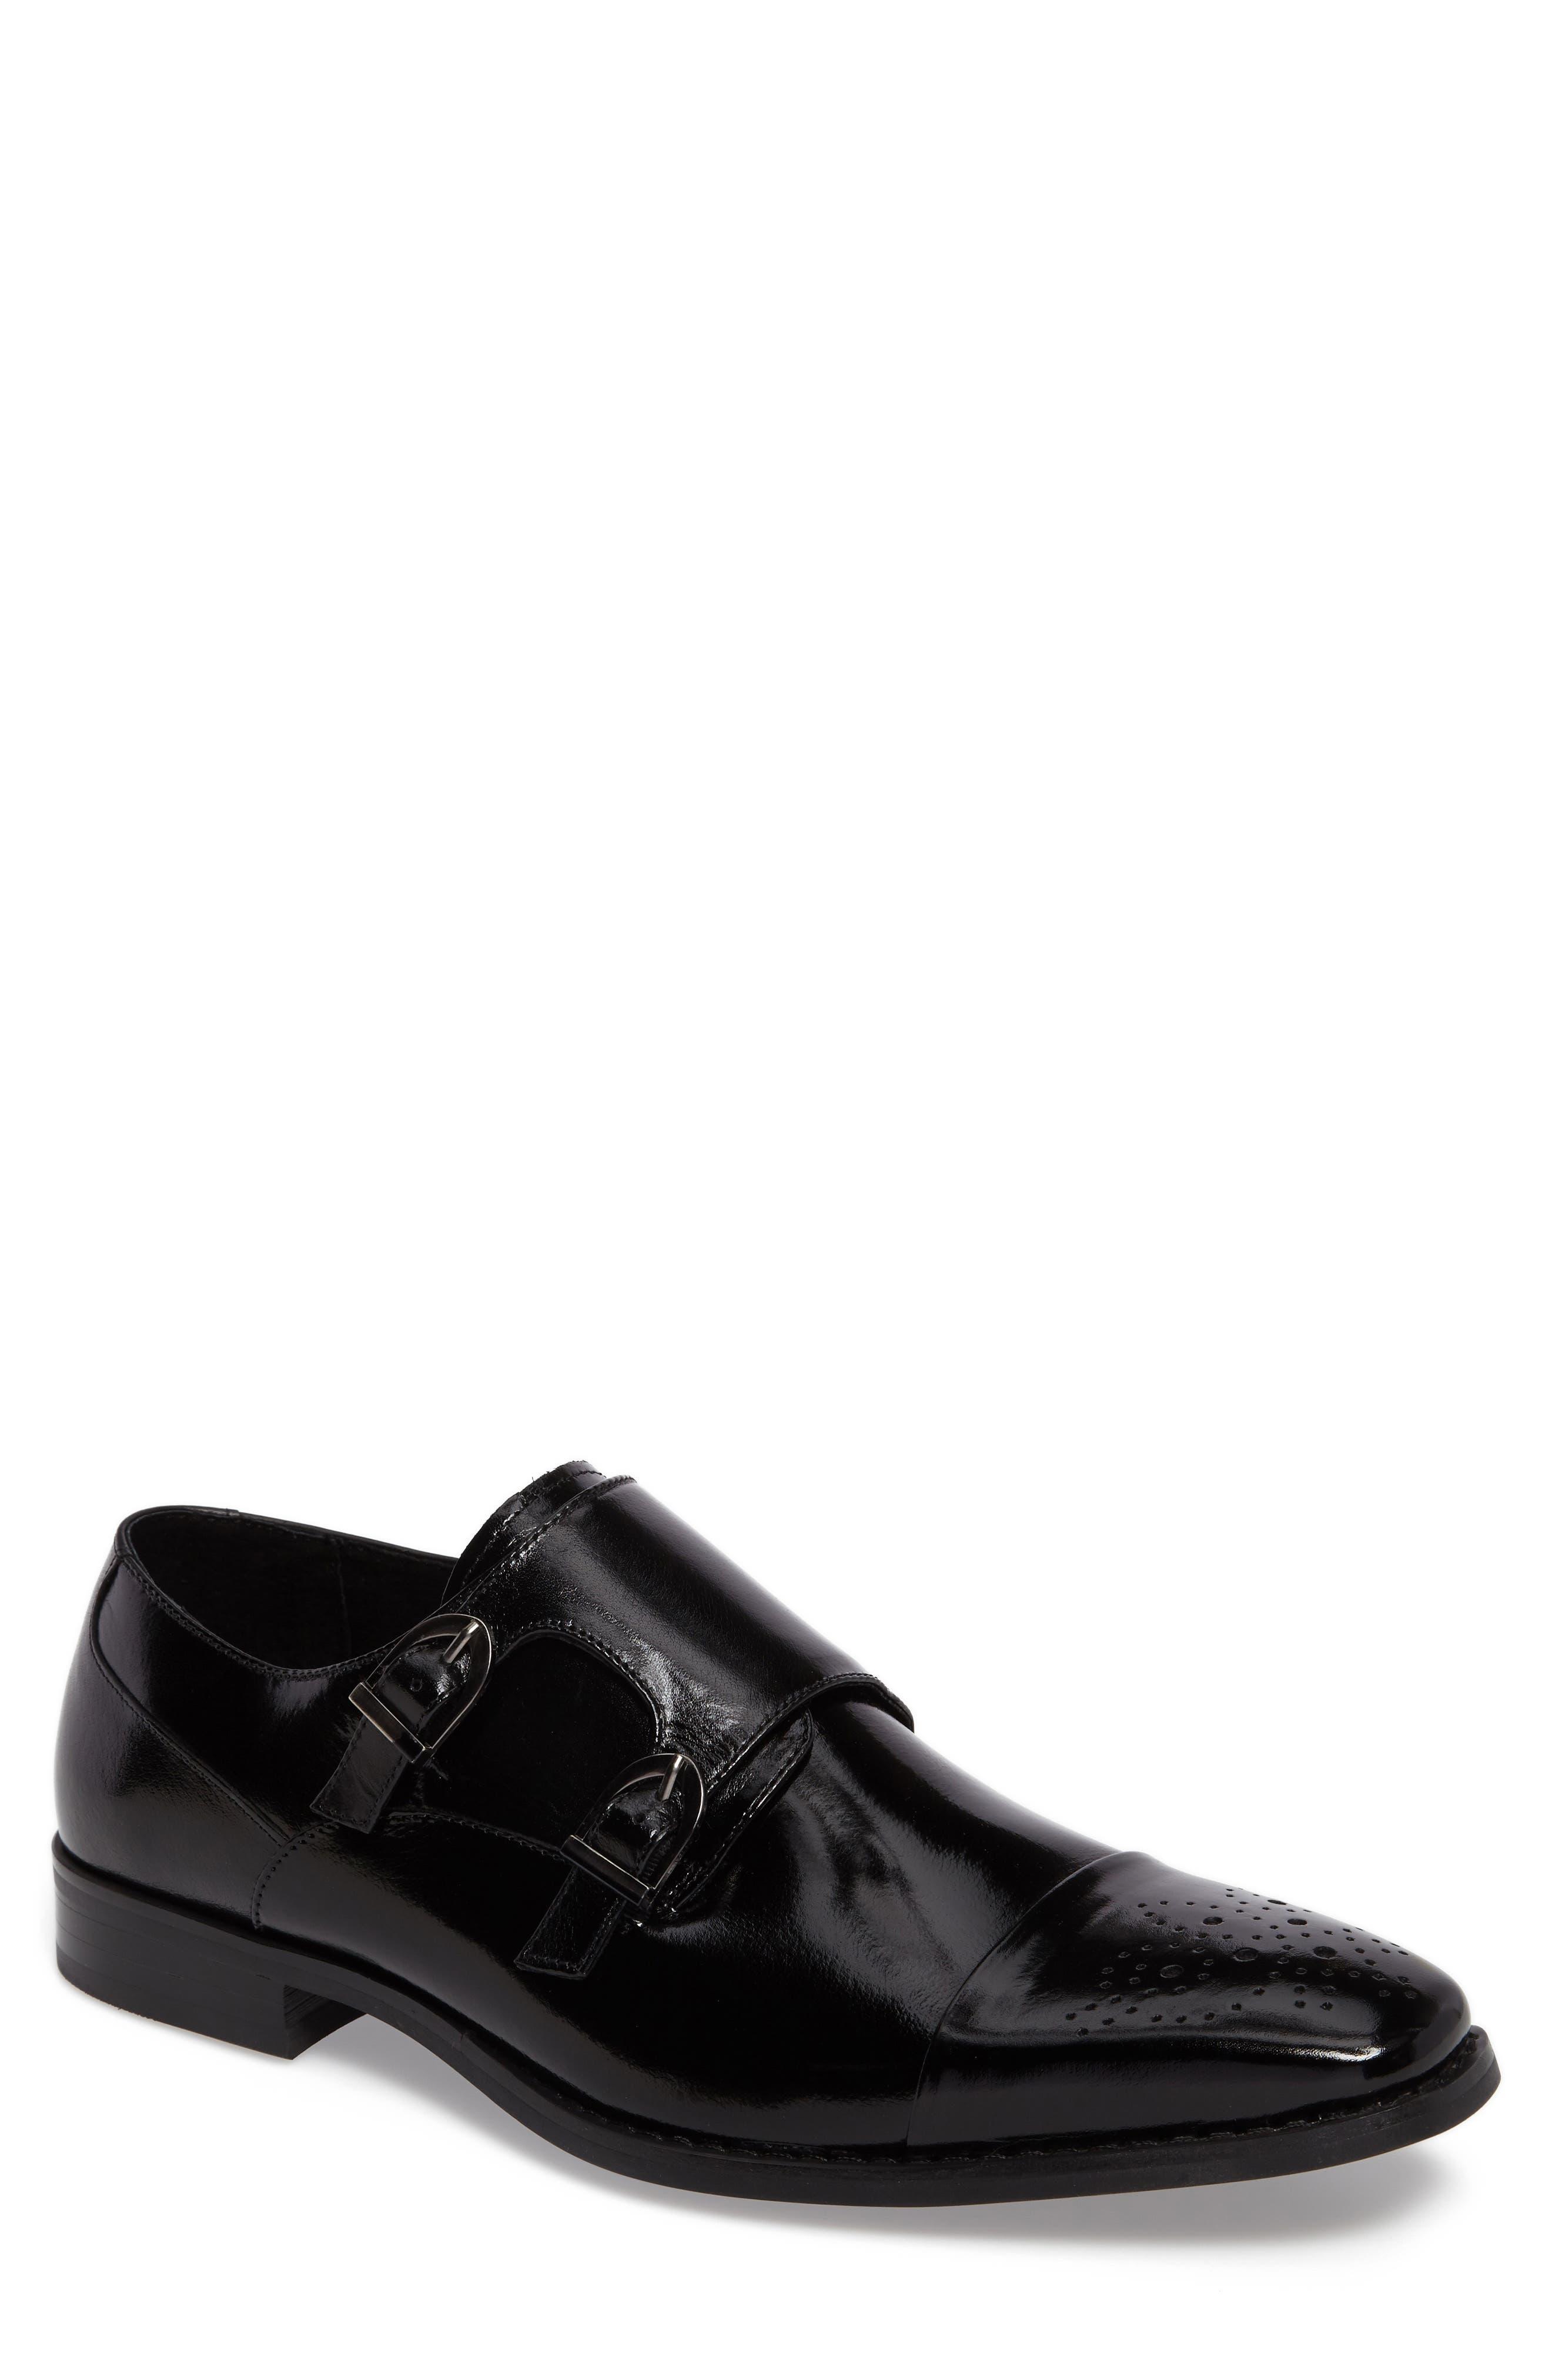 Trevor Double Monk Strap Shoe,                             Main thumbnail 1, color,                             001